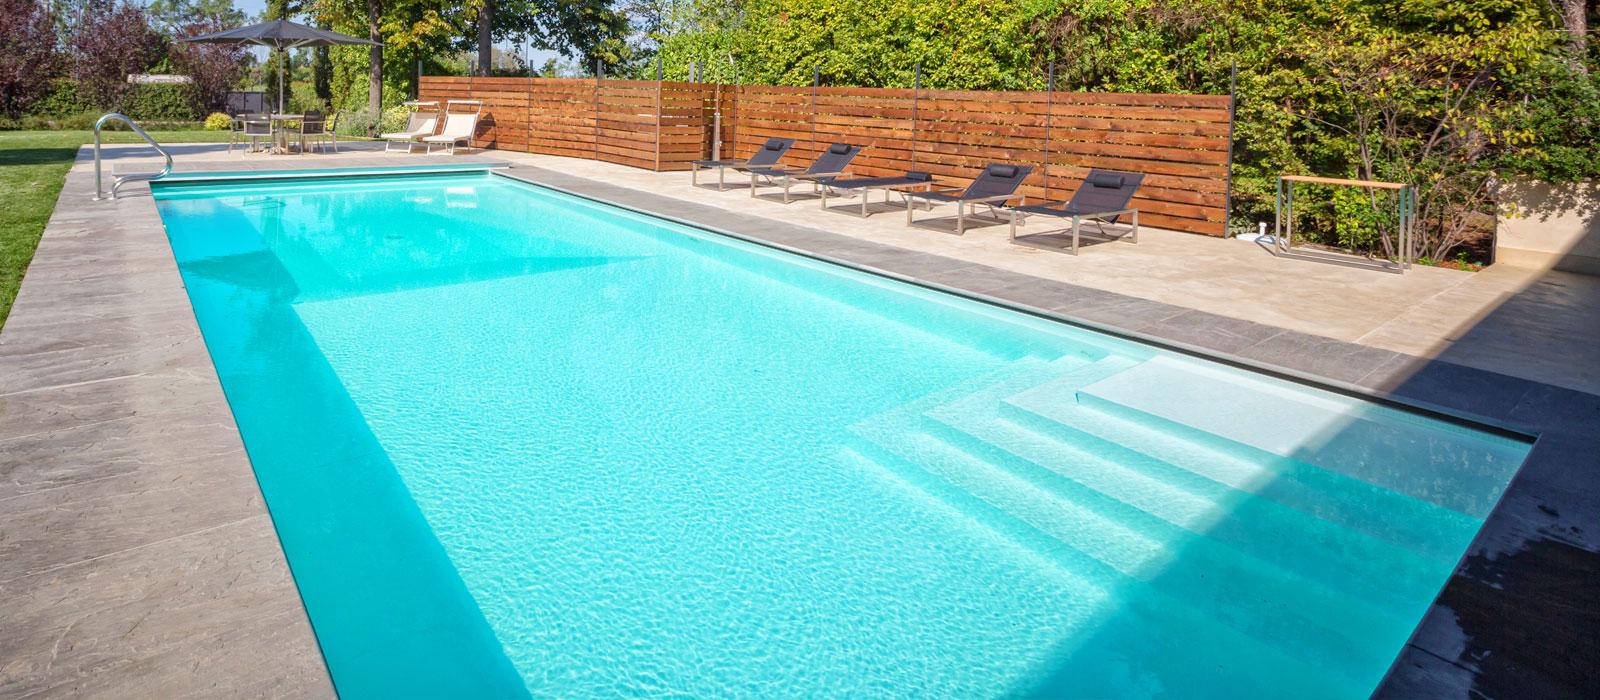 Piscine castiglione costruzione piscine interrate dal 1961 for Clorazione piscine